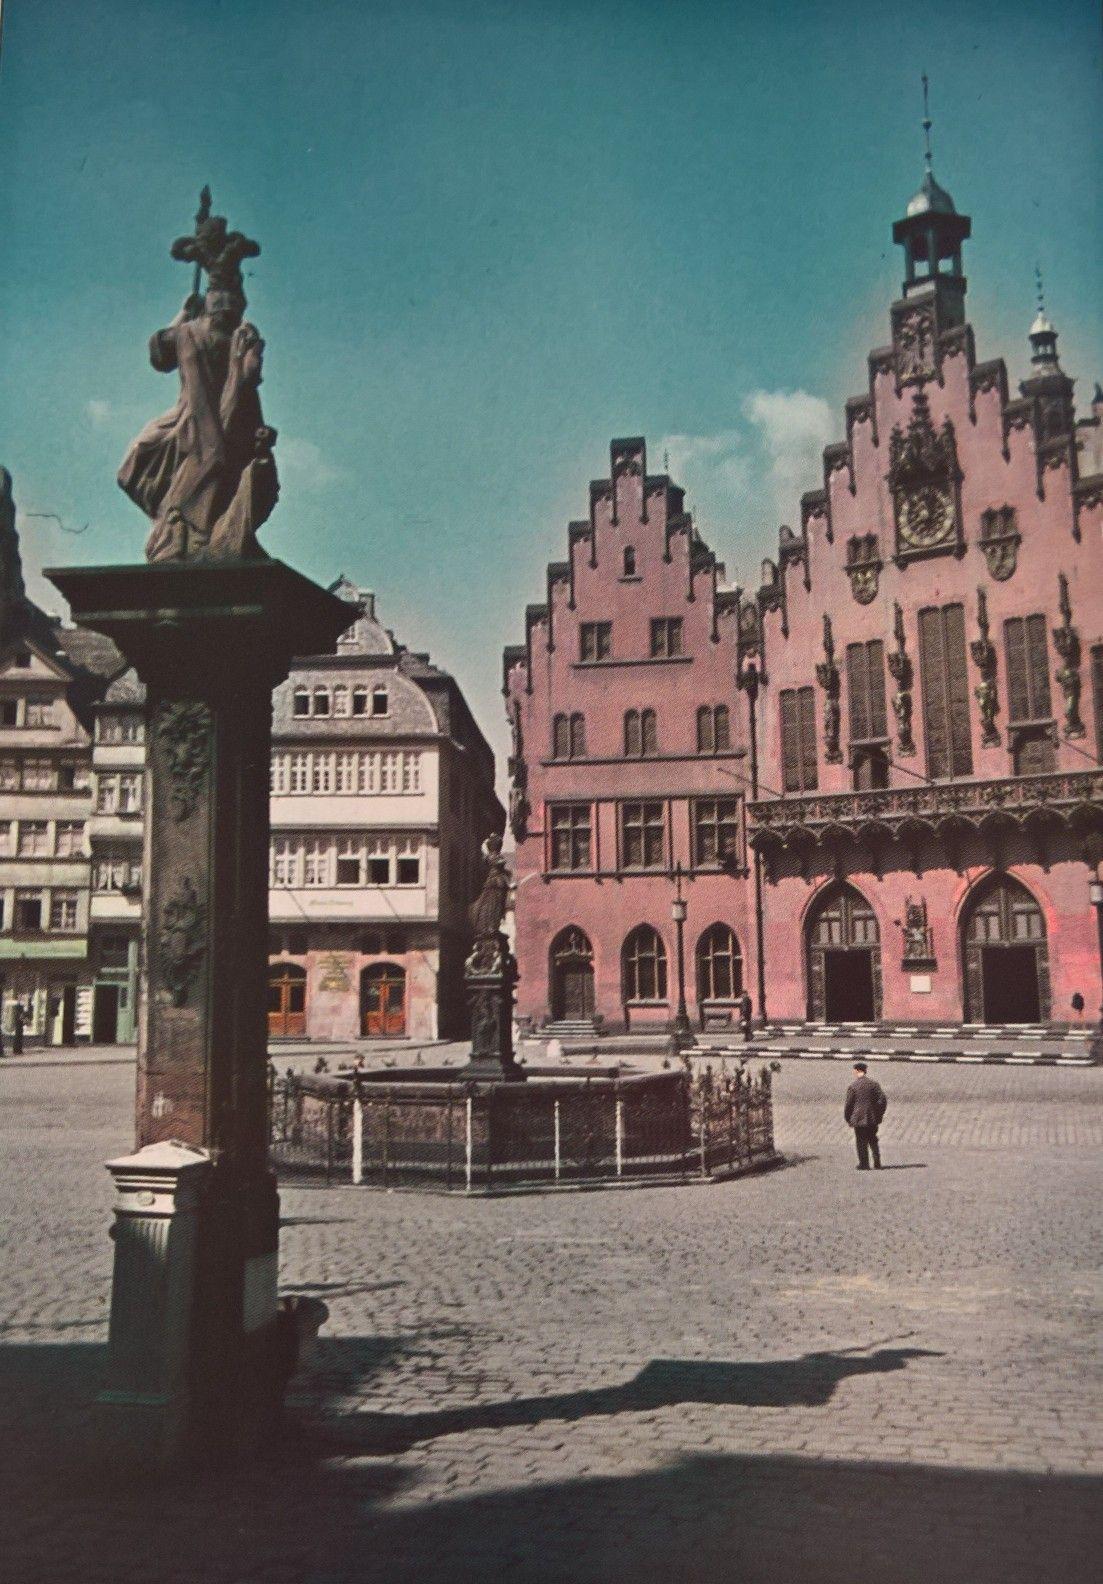 Frankfurt Am Main pre war market square, 1940.   Frankfurt